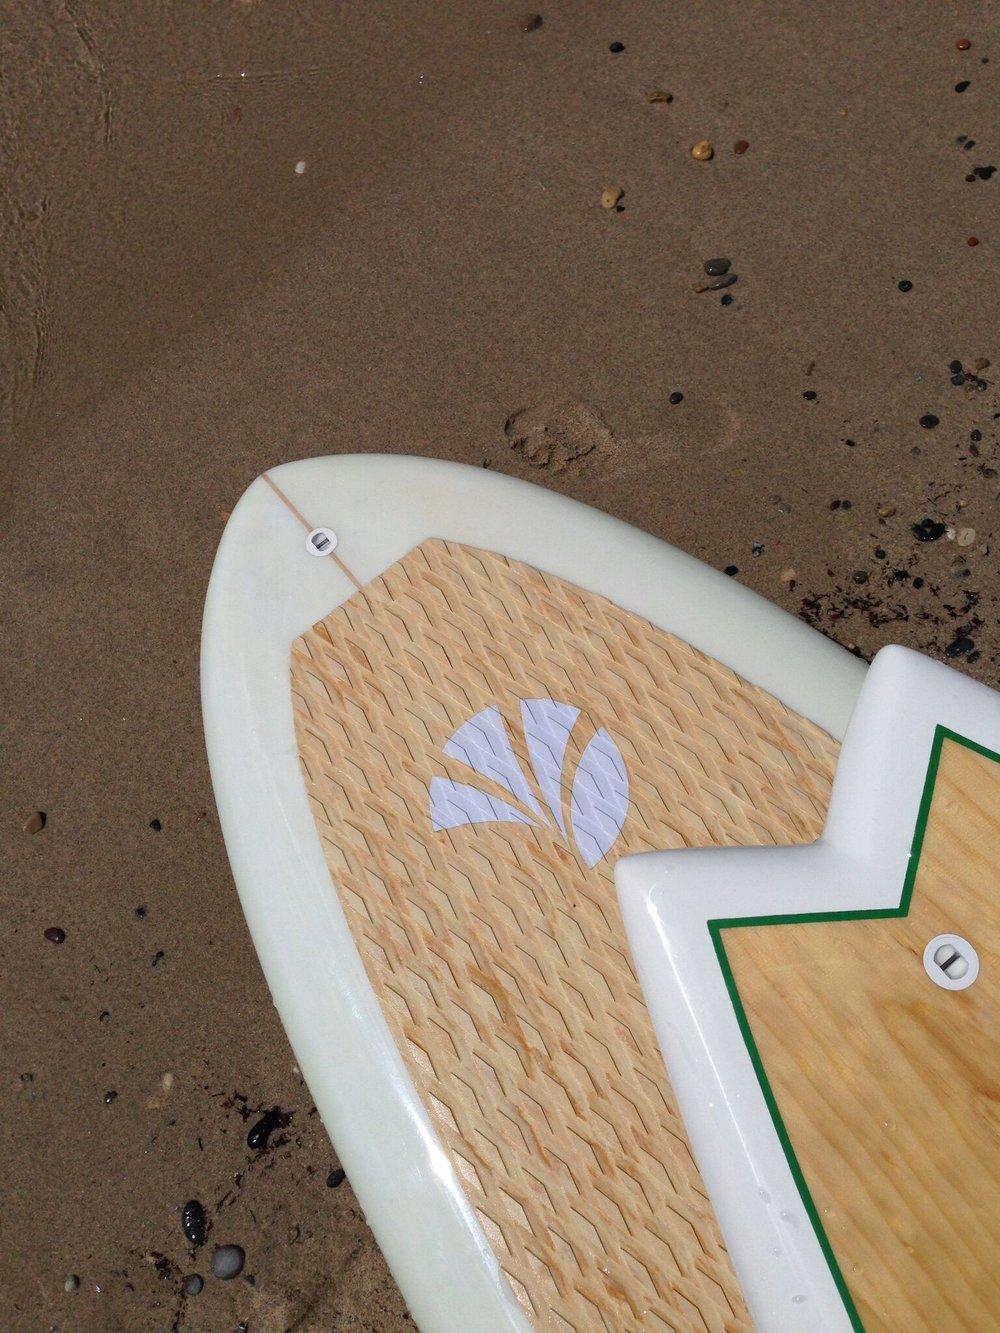 SUP BOARDS RIGIDES - SUP Haut de GammeDesign mode / élégance à la française,Excellente sensation de glisse sur l'eau.